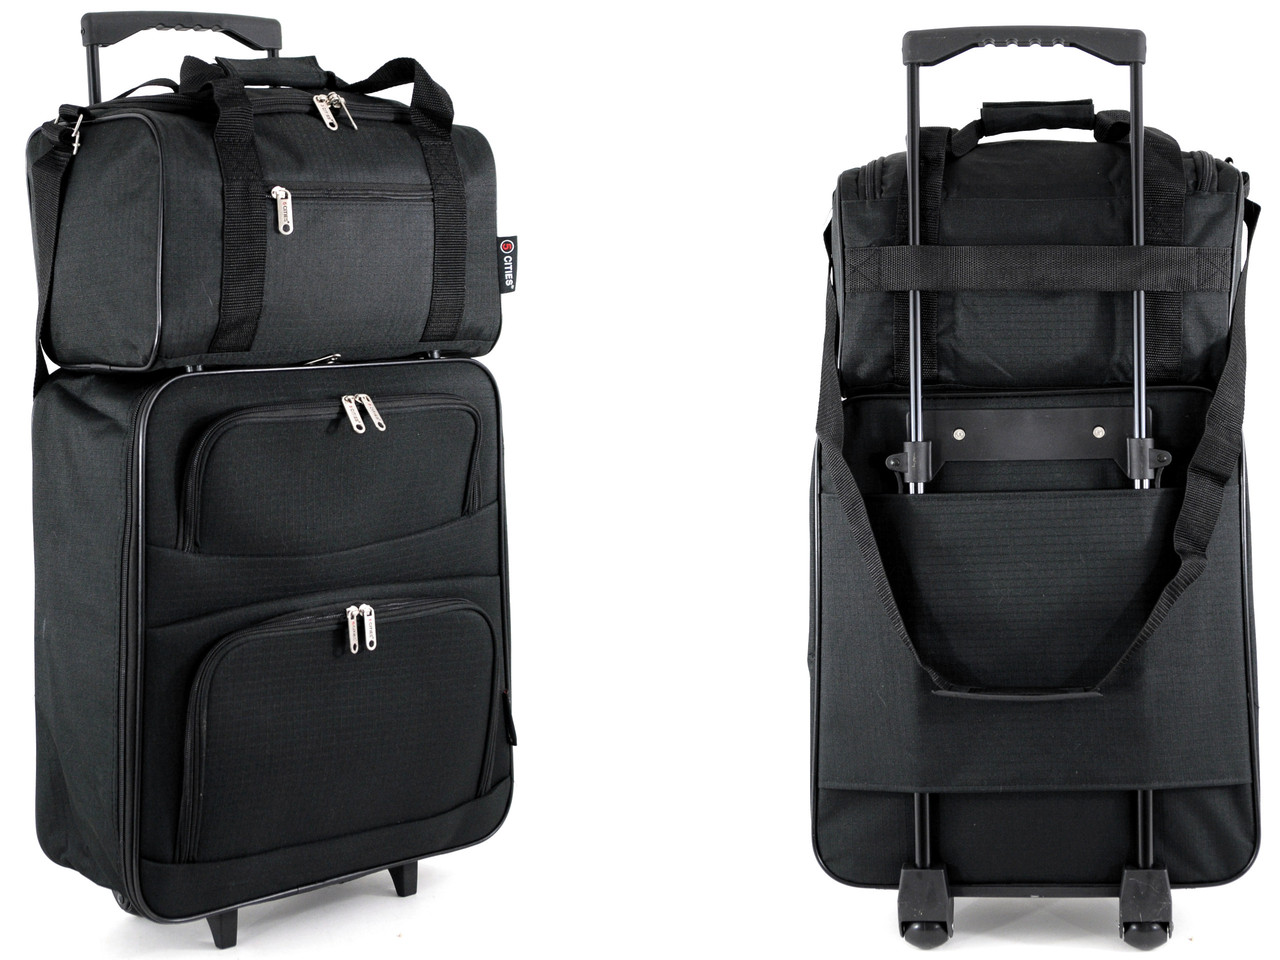 428b7525b8da Дорожный чемодан на колесиках + сумка RYANAIR - Интернет-магазин Virgo в  Киеве